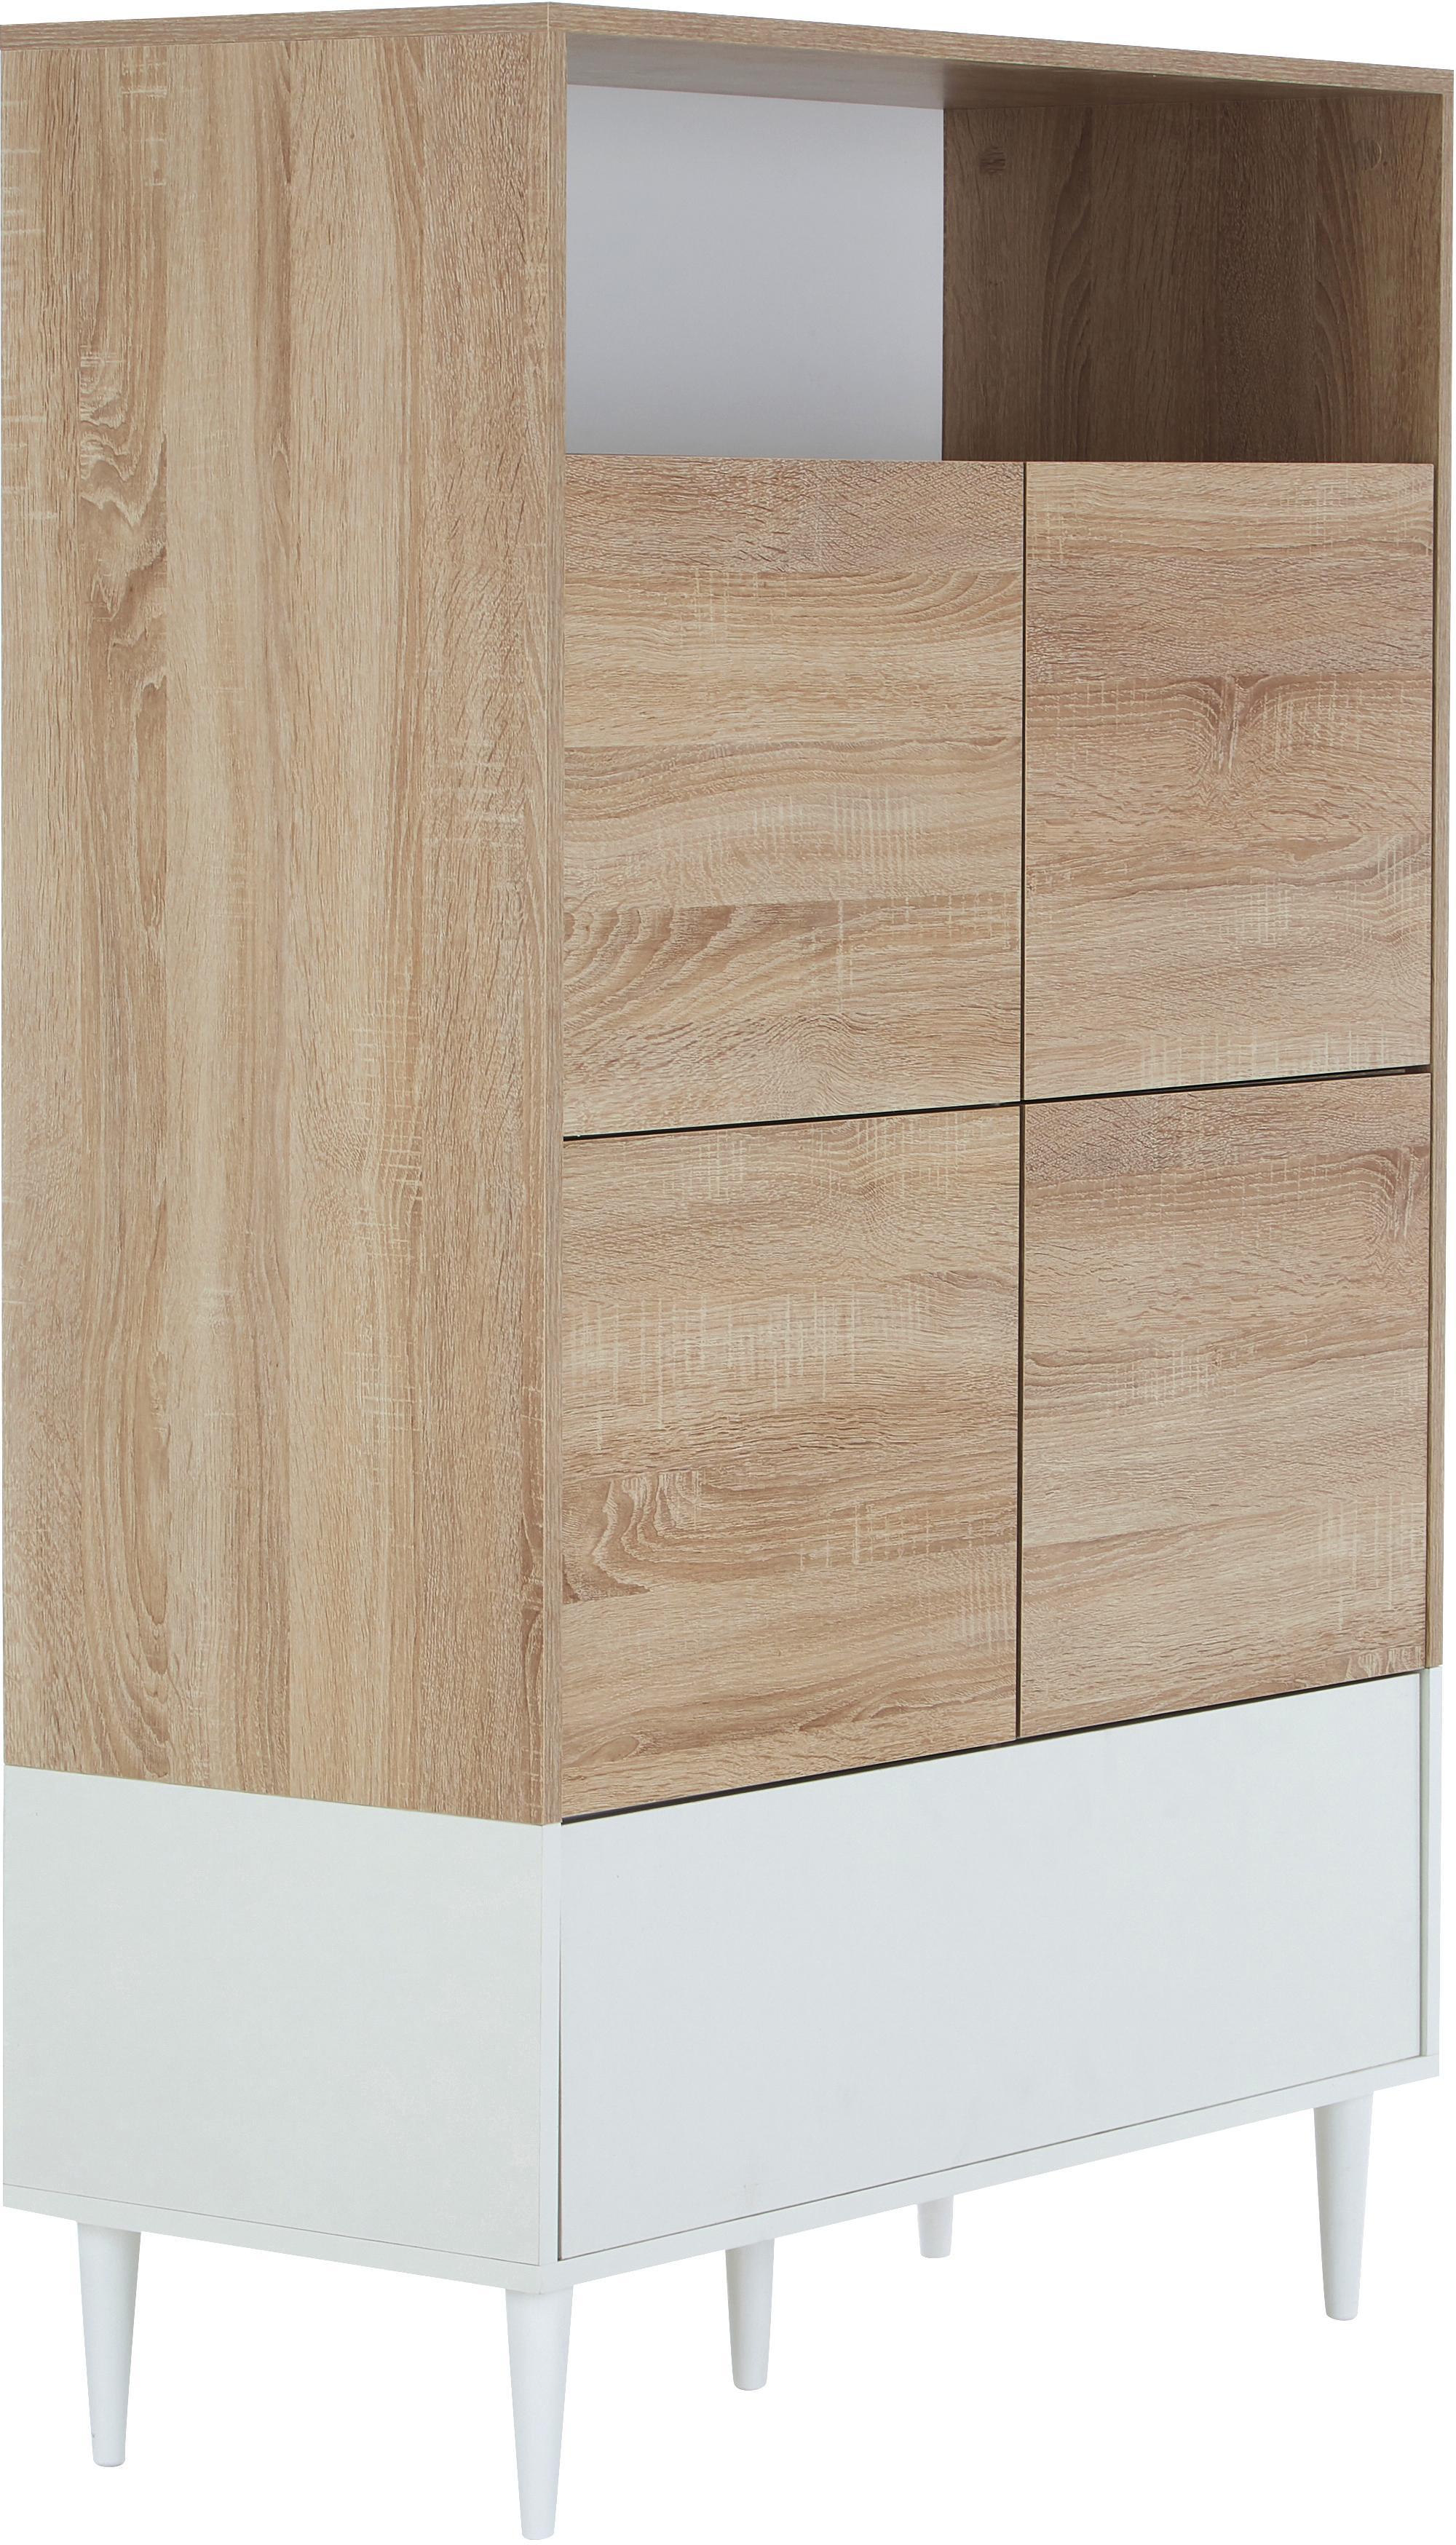 Wysoka komoda scandi Horizon, Korpus: płyta wiórowa pokryta mel, Nogi: lite drewno bukowe, lakie, Drewno dębowe, biały, S 90 x W 141 cm